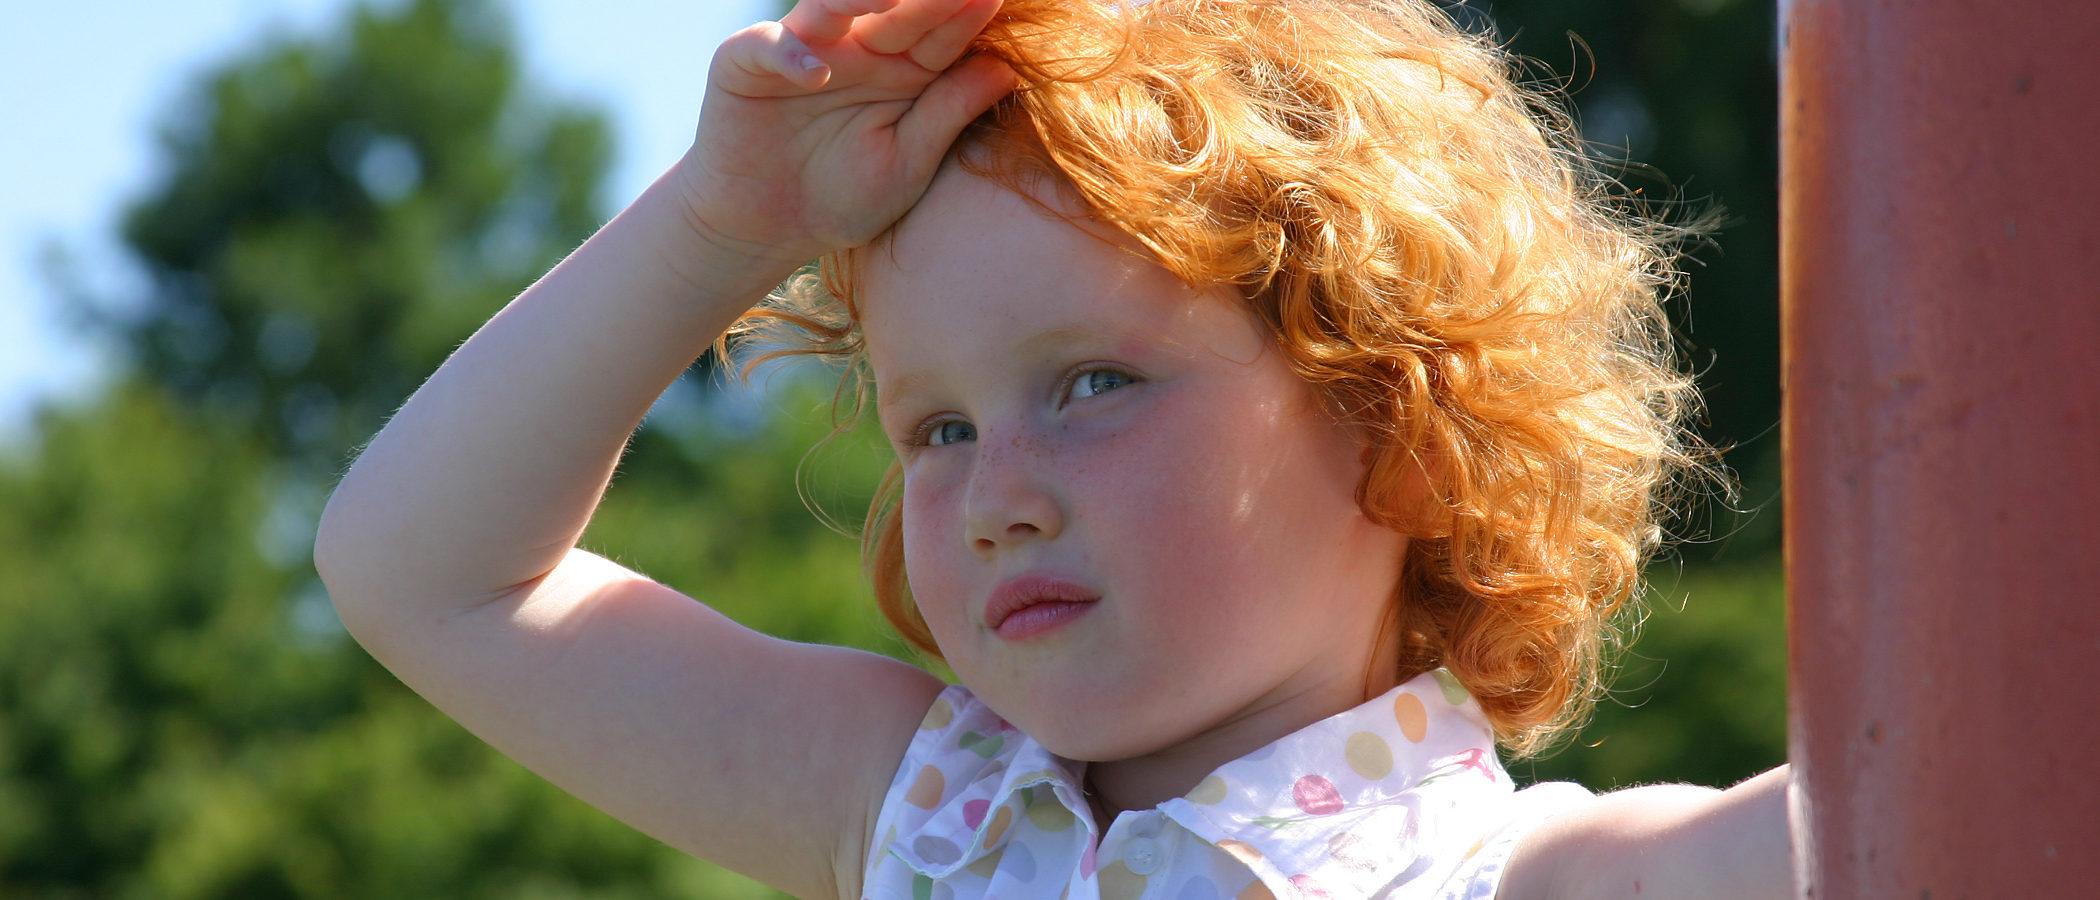 Qué hacer si un niño sufre una insolación